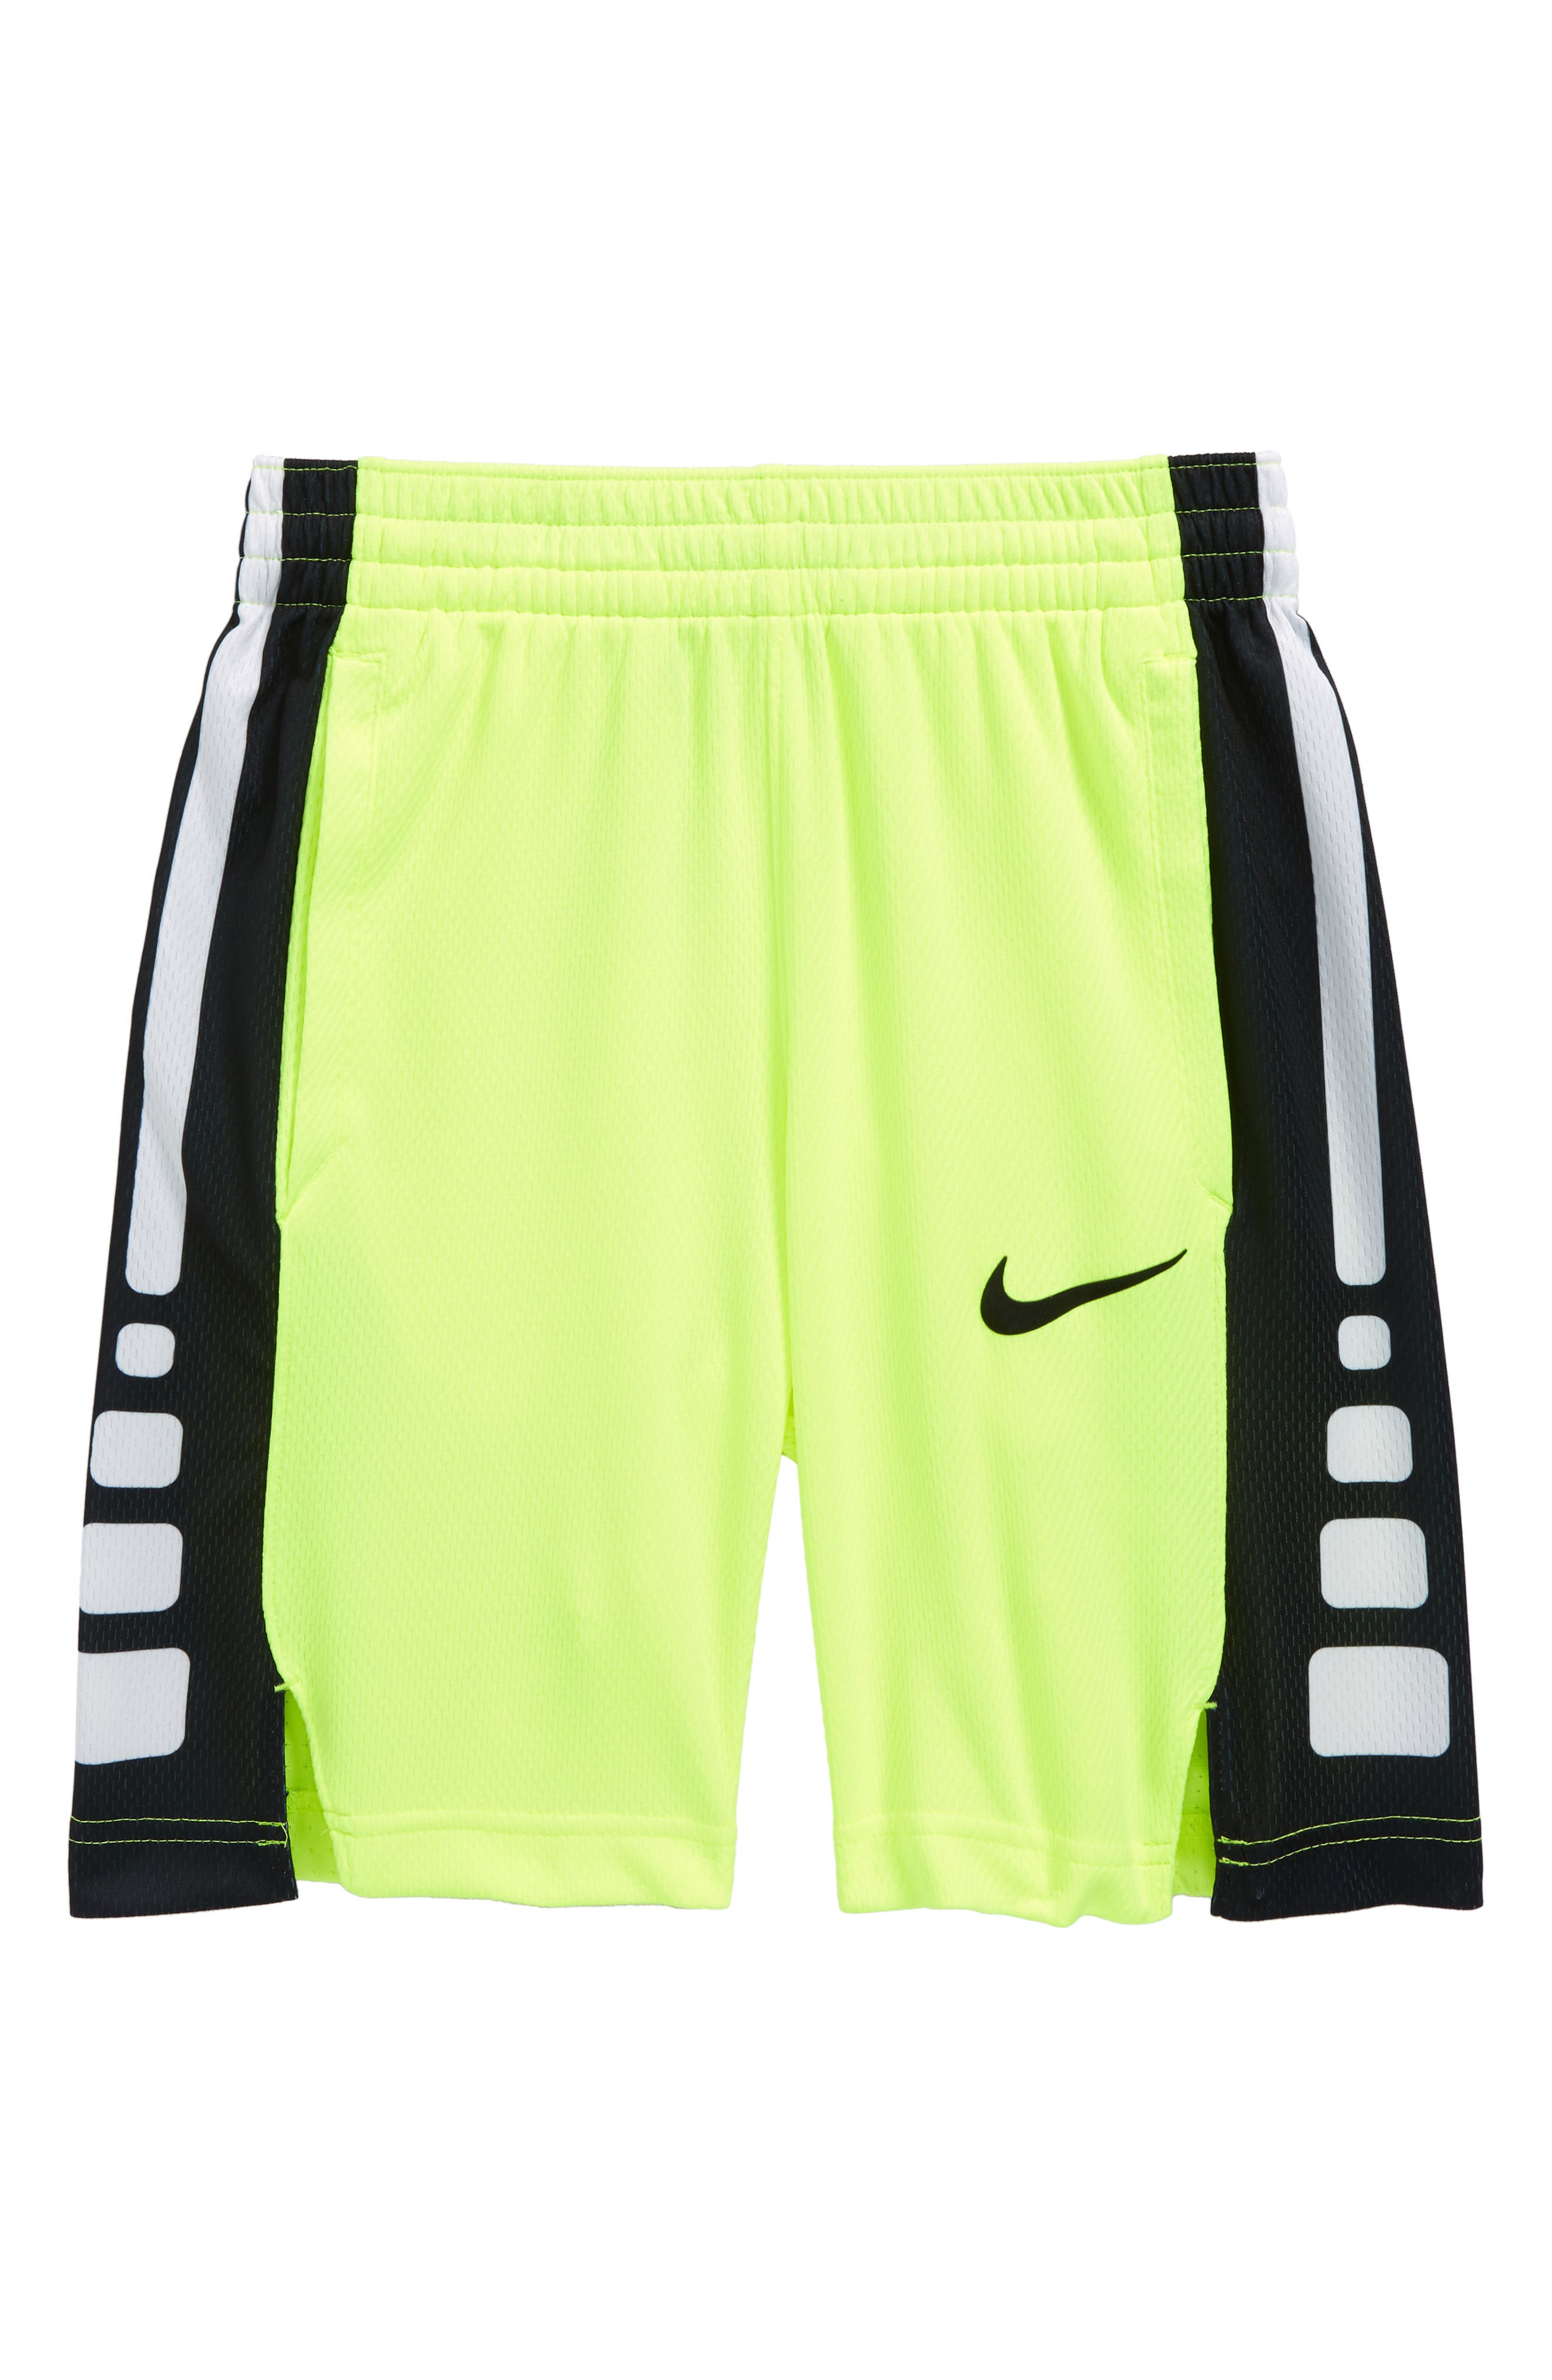 Dry Elite Basketball Shorts,                         Main,                         color, VOLT/VOLT/BLACK